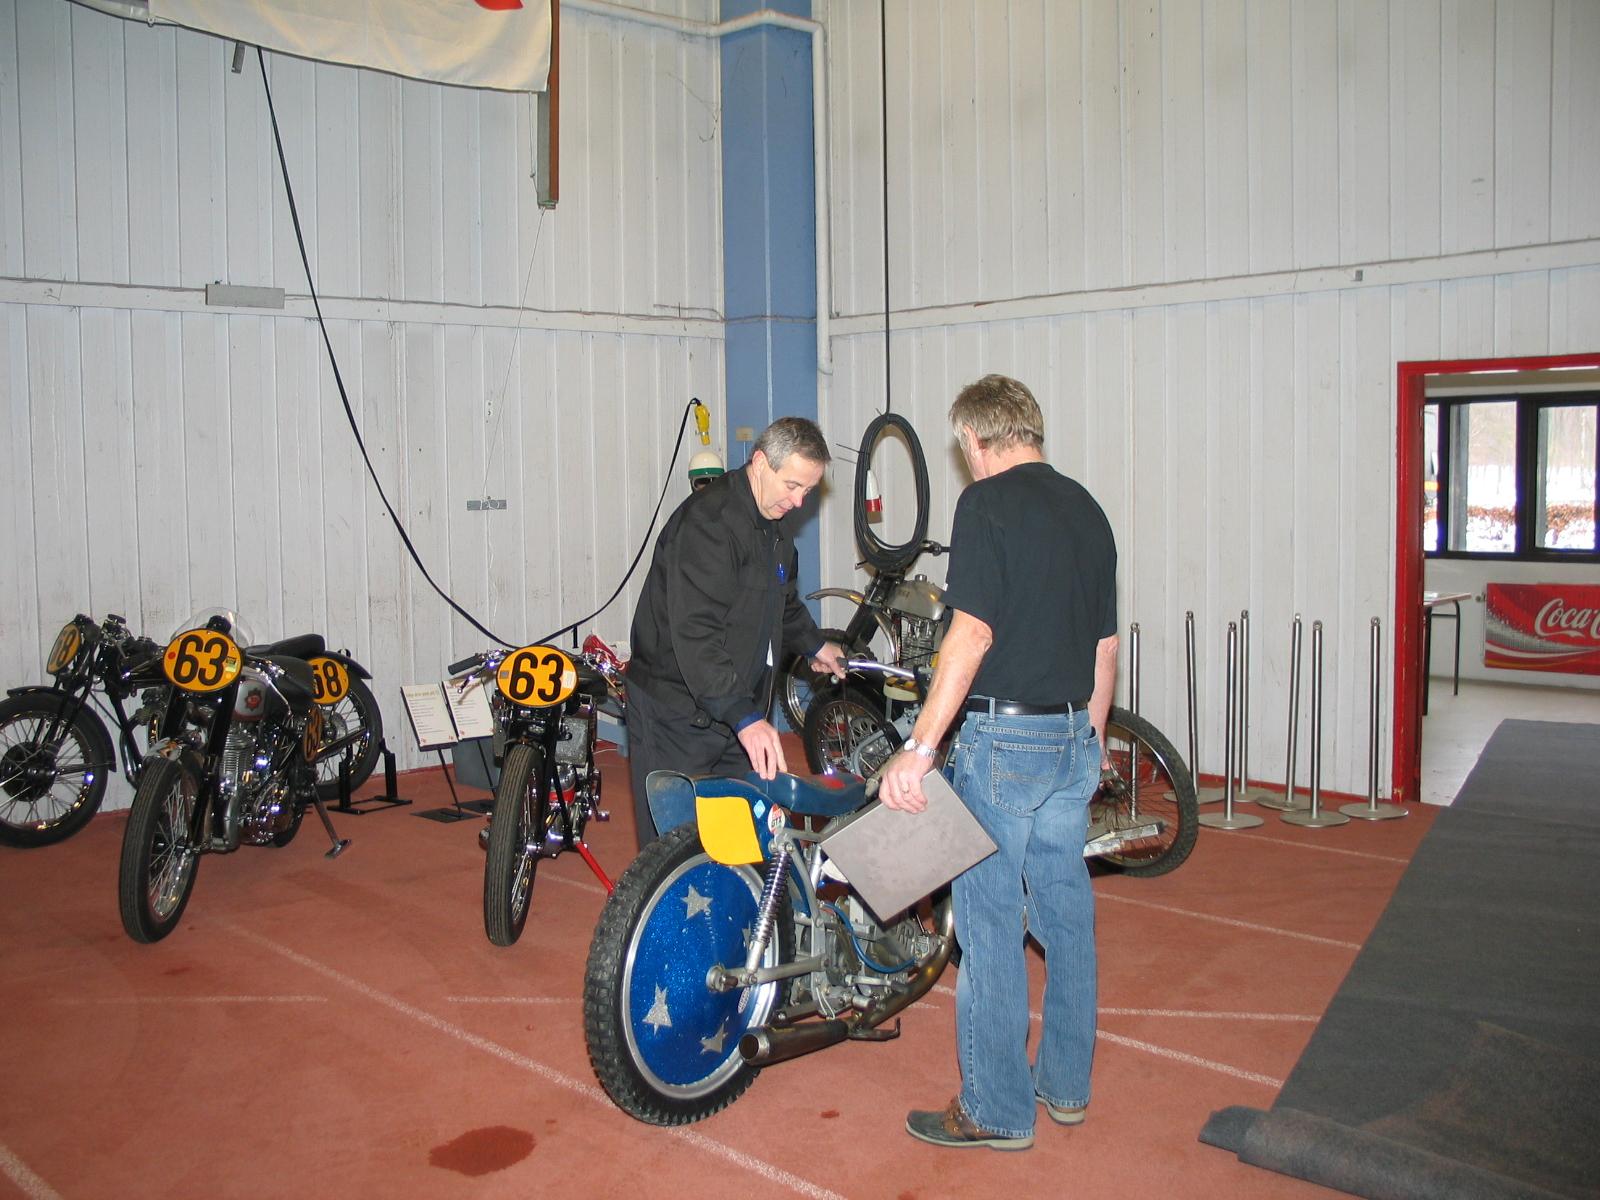 John Williams er primus motor i afdelingen for racere og tager her imod en langbanecykel.